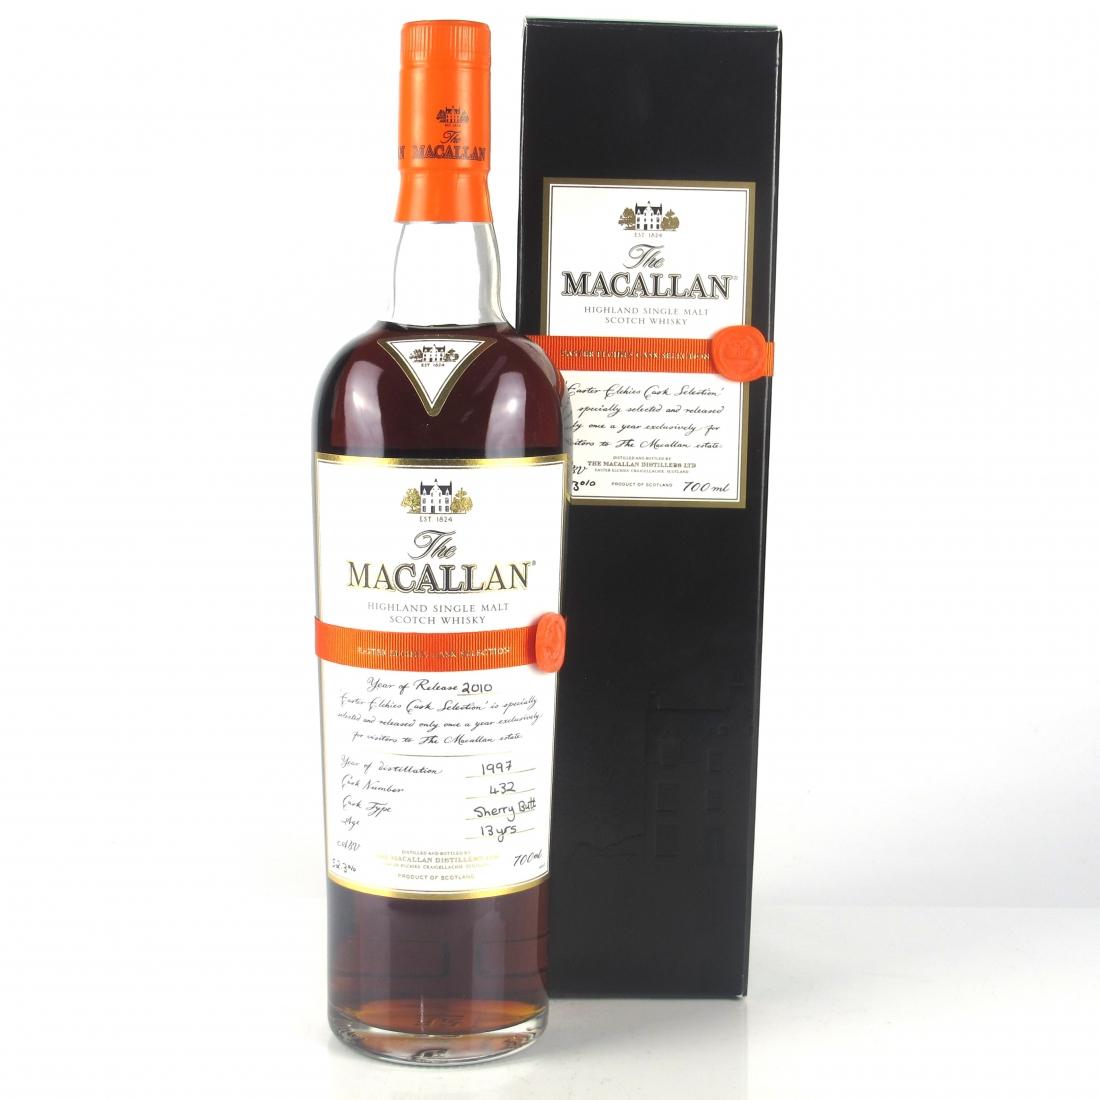 Macallan 1997 Easter Elchies 2010